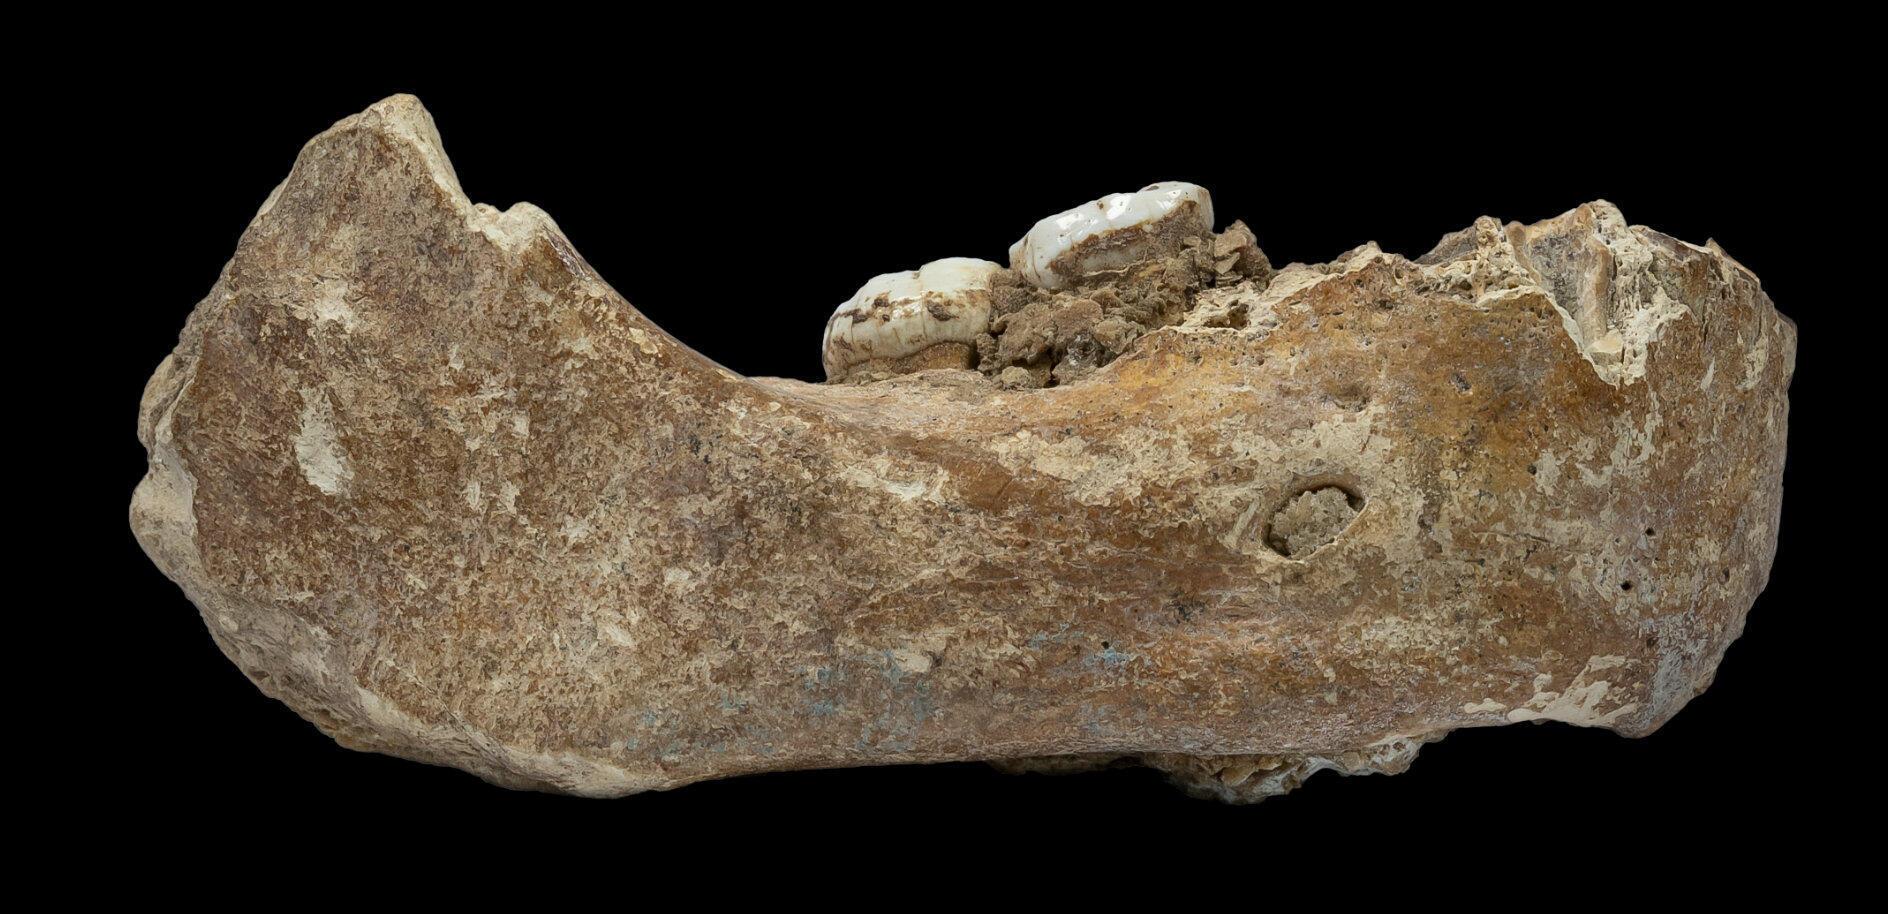 Le fossile de la moitié droite de la mâchoire de l'homme de Denisova retrouvé dans une grotte tibétaine à 3300 mètres d'altitude.